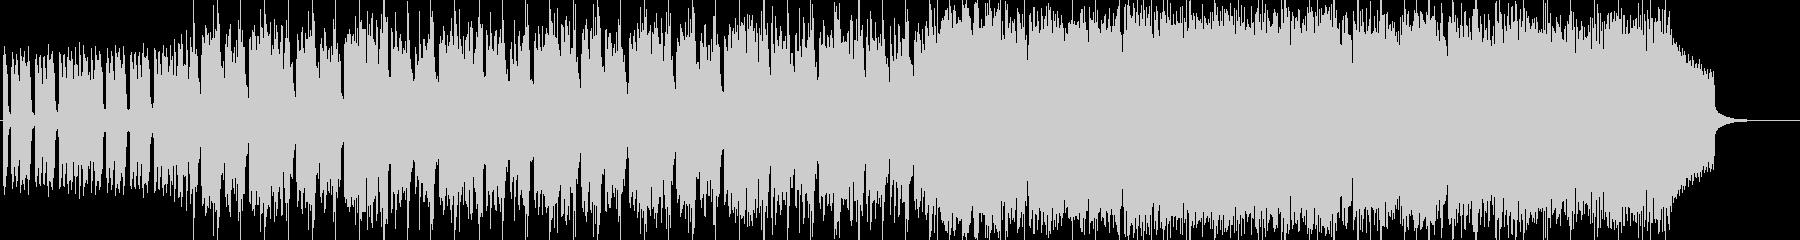 ピンクパンサーのようなミステリアスな曲の未再生の波形